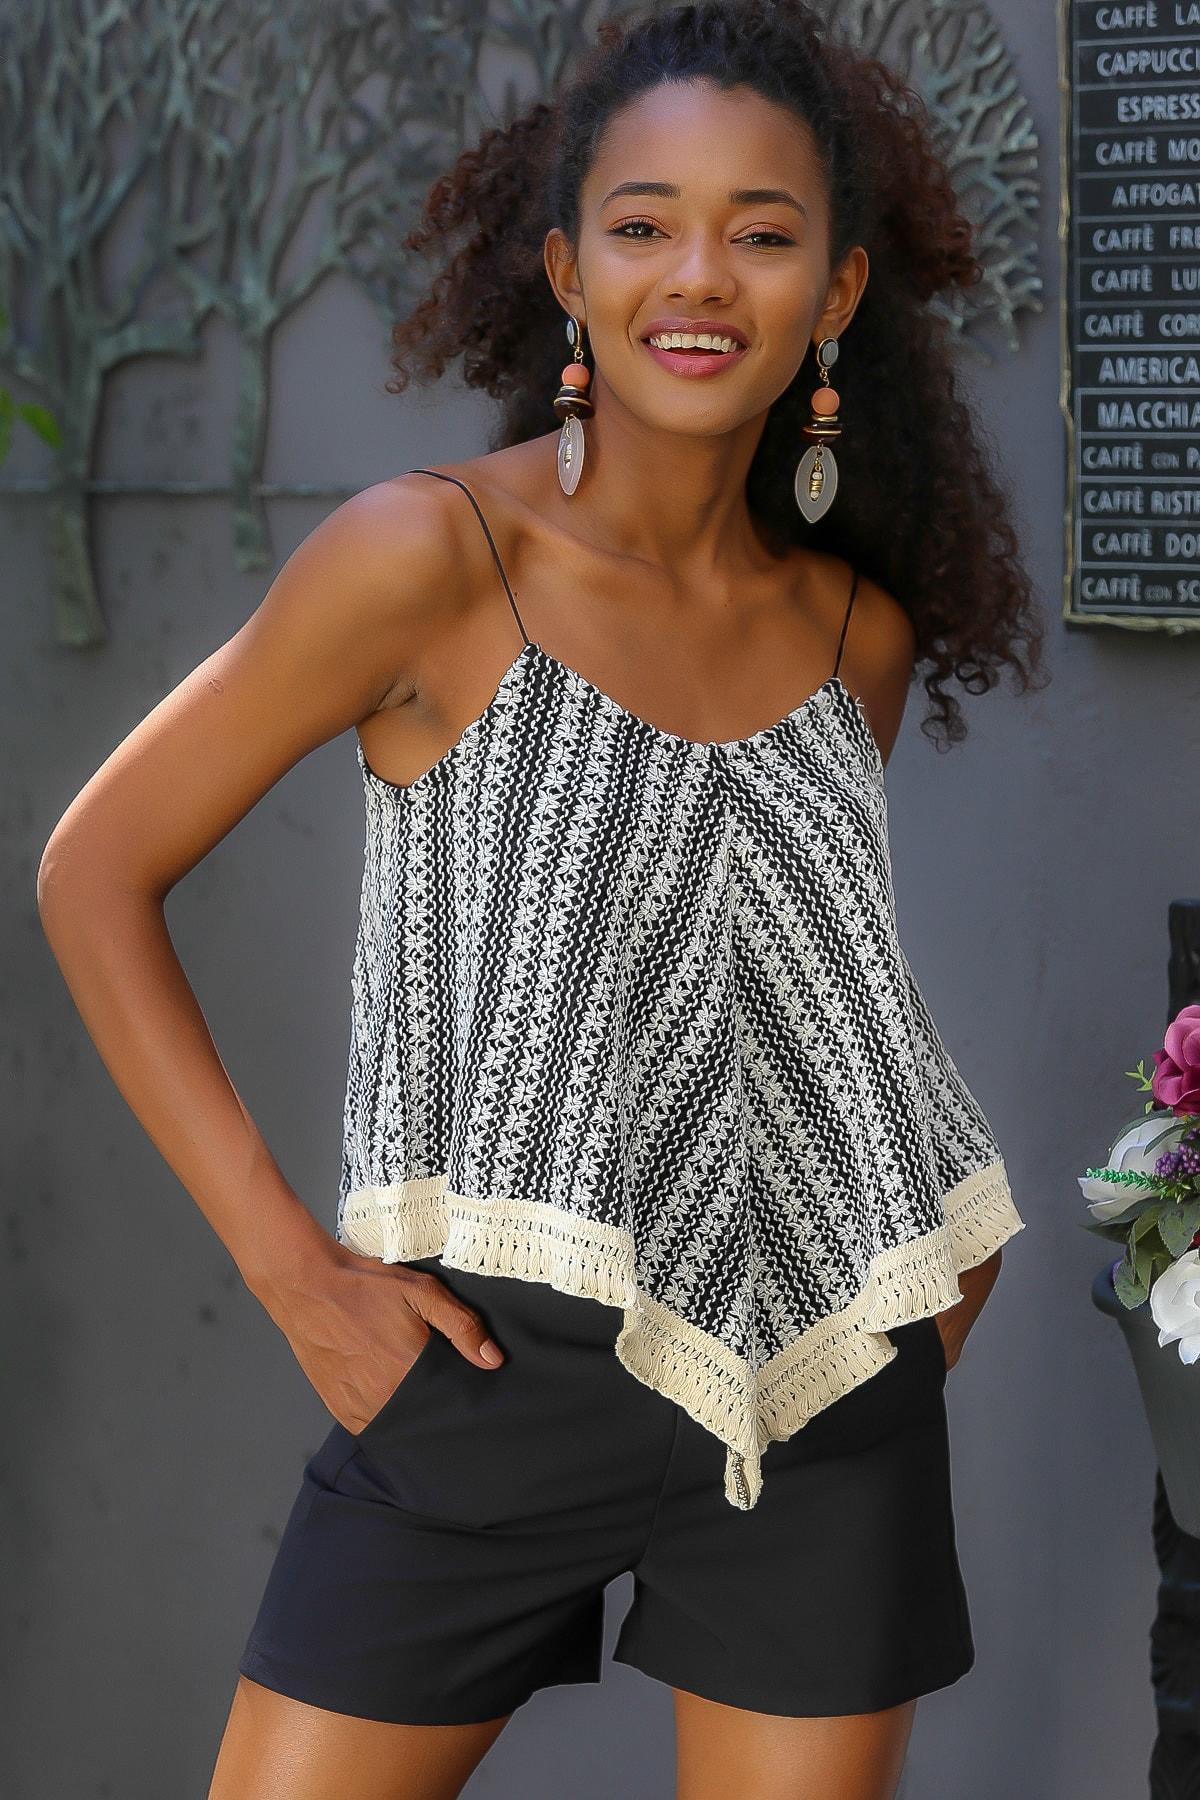 Chiccy Kadın Ekru-Siyah Askılı Ön Bedeni Astarlı Üçgen Etek Ucu Kopanaki Saçaklı Bluz M10010200BL95062